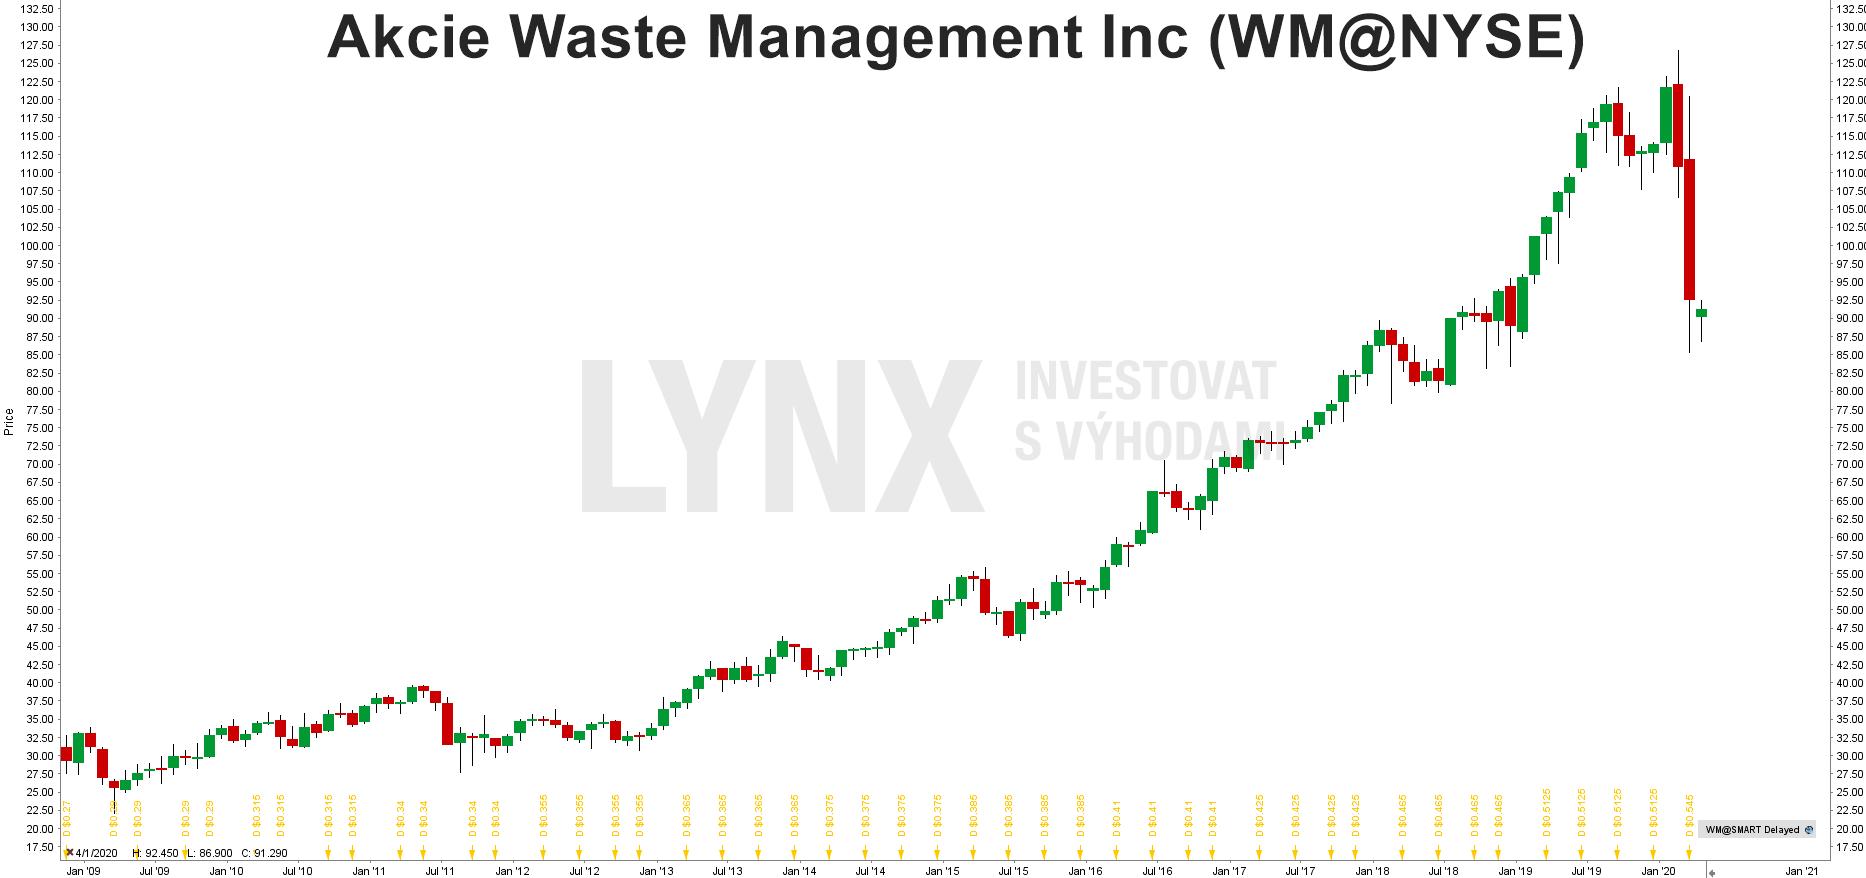 Graf akcie Waste Management (WM)